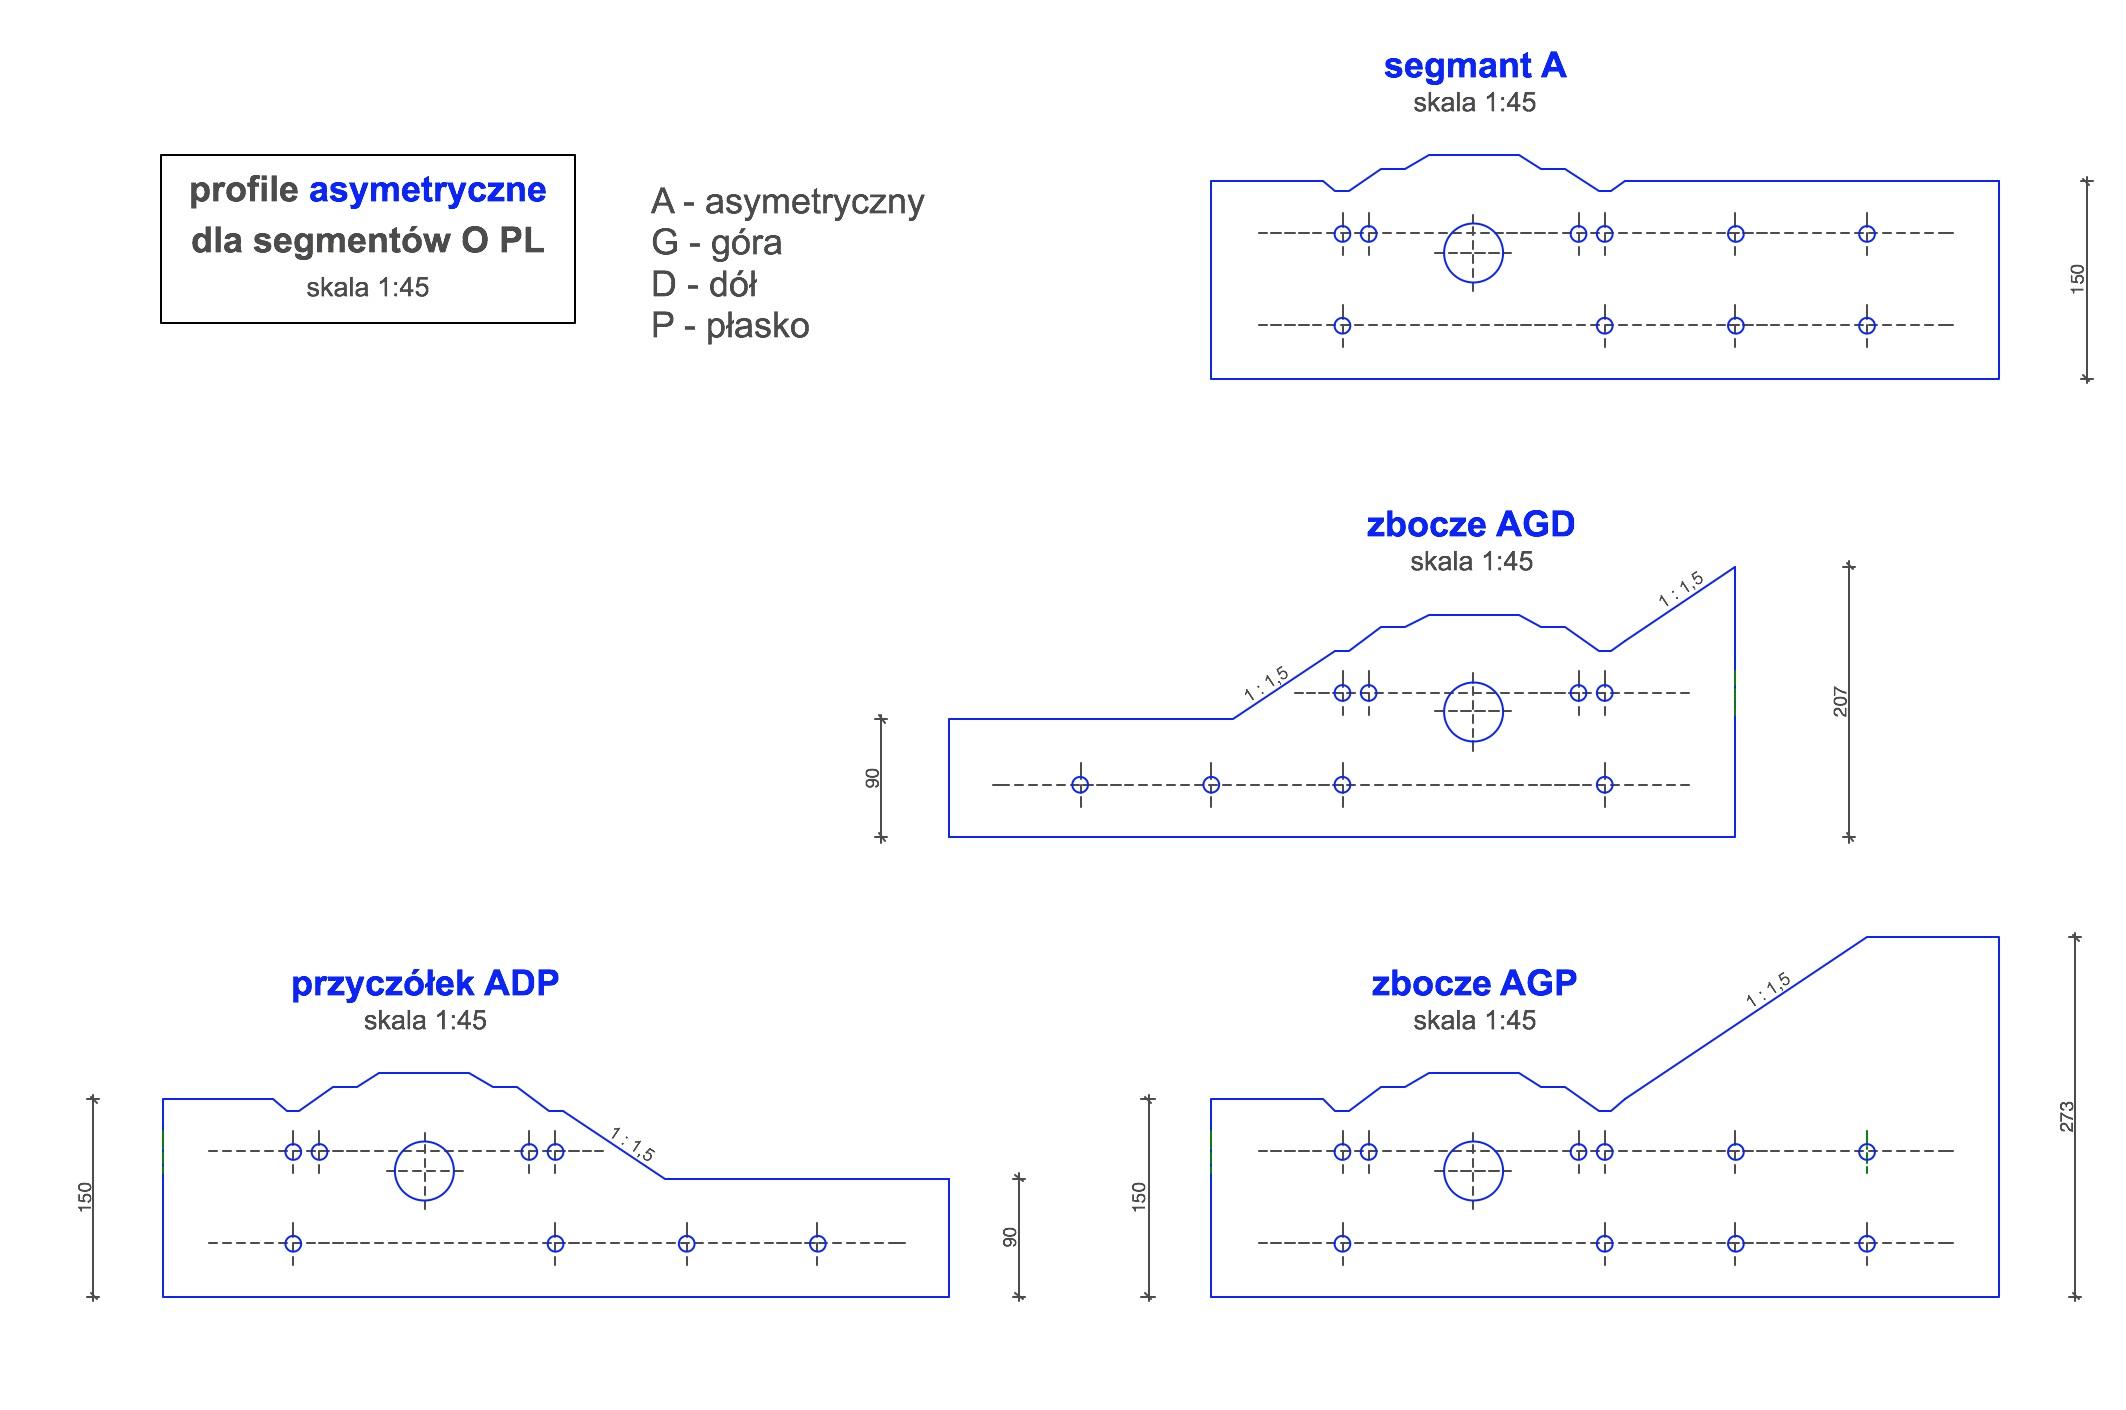 segmenty A.jpg